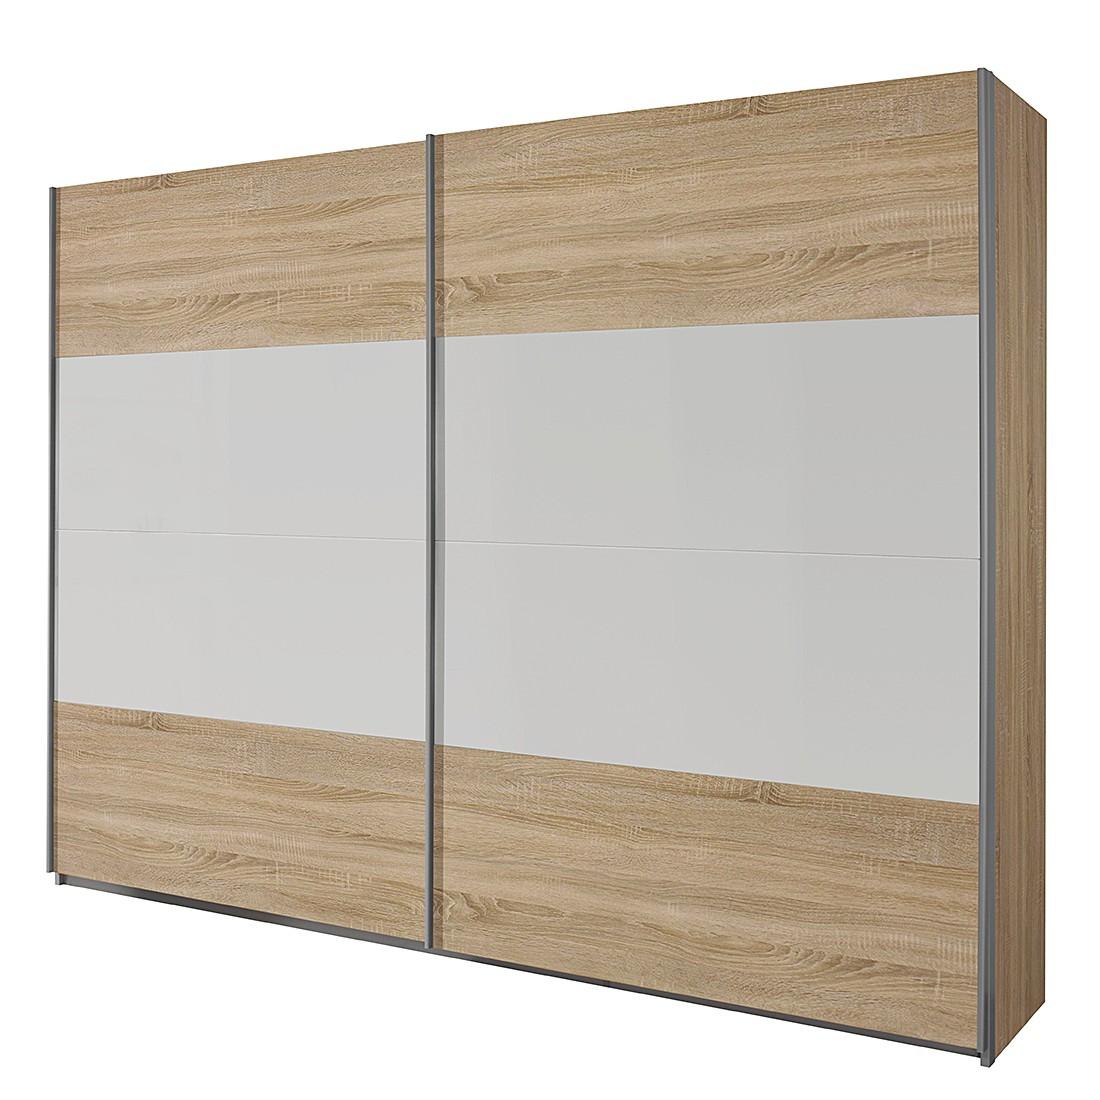 schwebet renschrank quadra eiche sonoma alpinwei schrankbreite 271 cm 2 t rig schrank. Black Bedroom Furniture Sets. Home Design Ideas